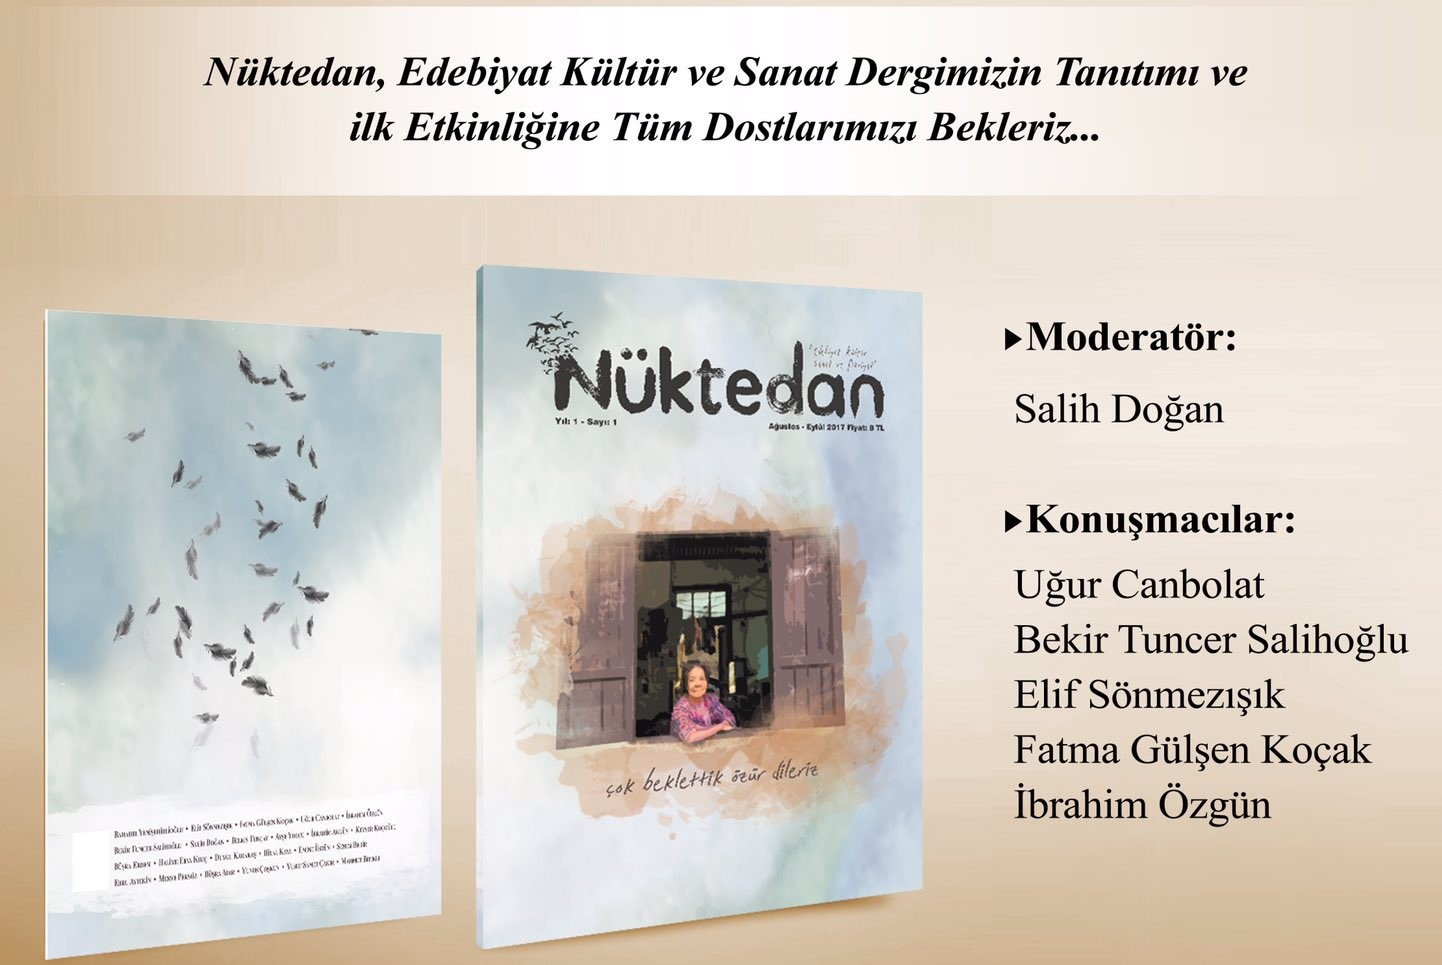 TYB İstanbul'da Nüktedan Dergisinin Tanıtımı Yapılacak